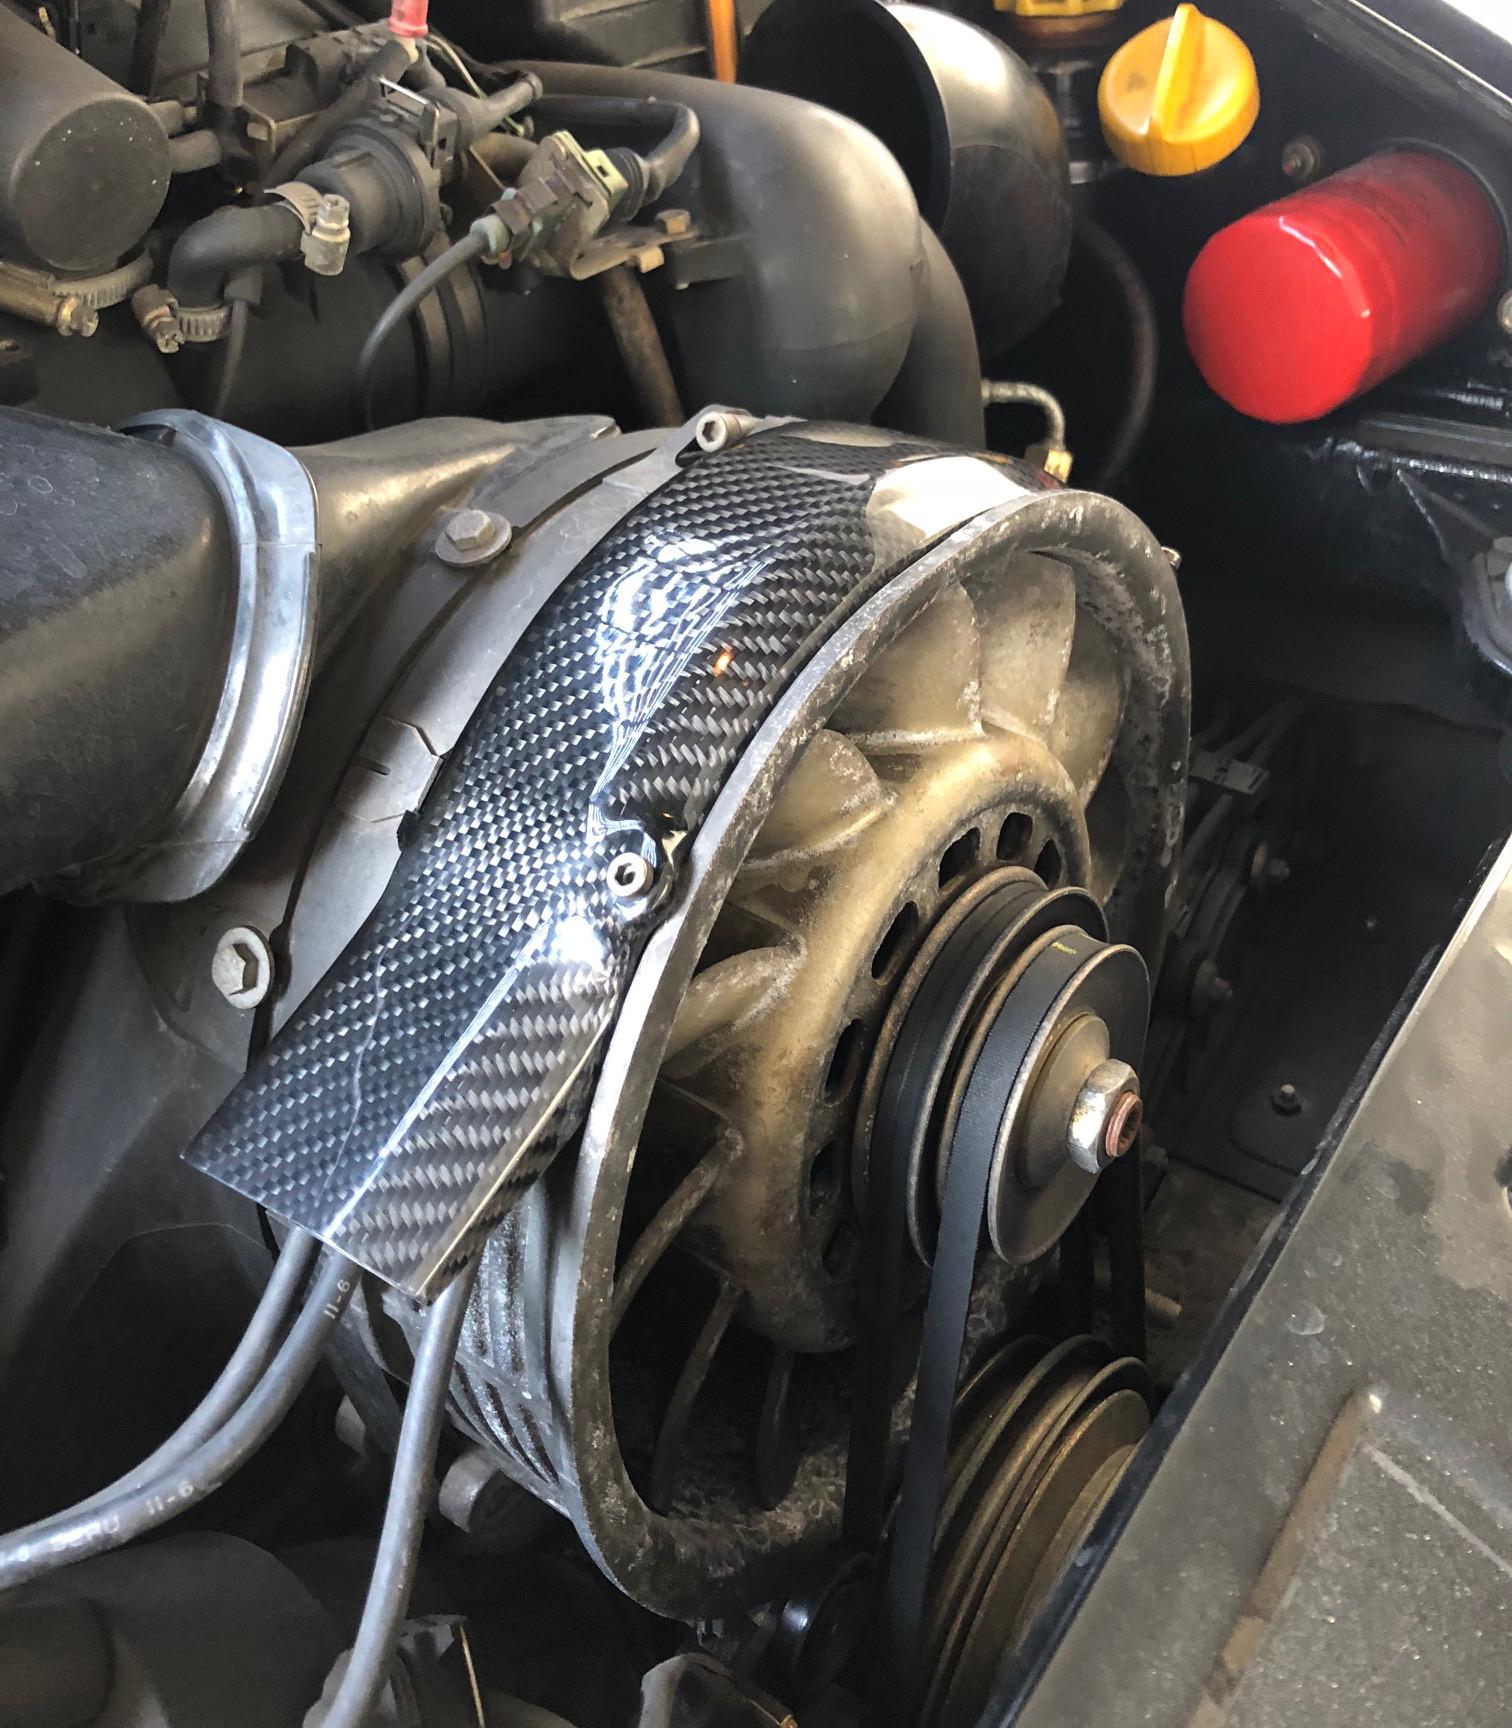 Carbon Abdeckung für Lüfterrad - Porsche 964